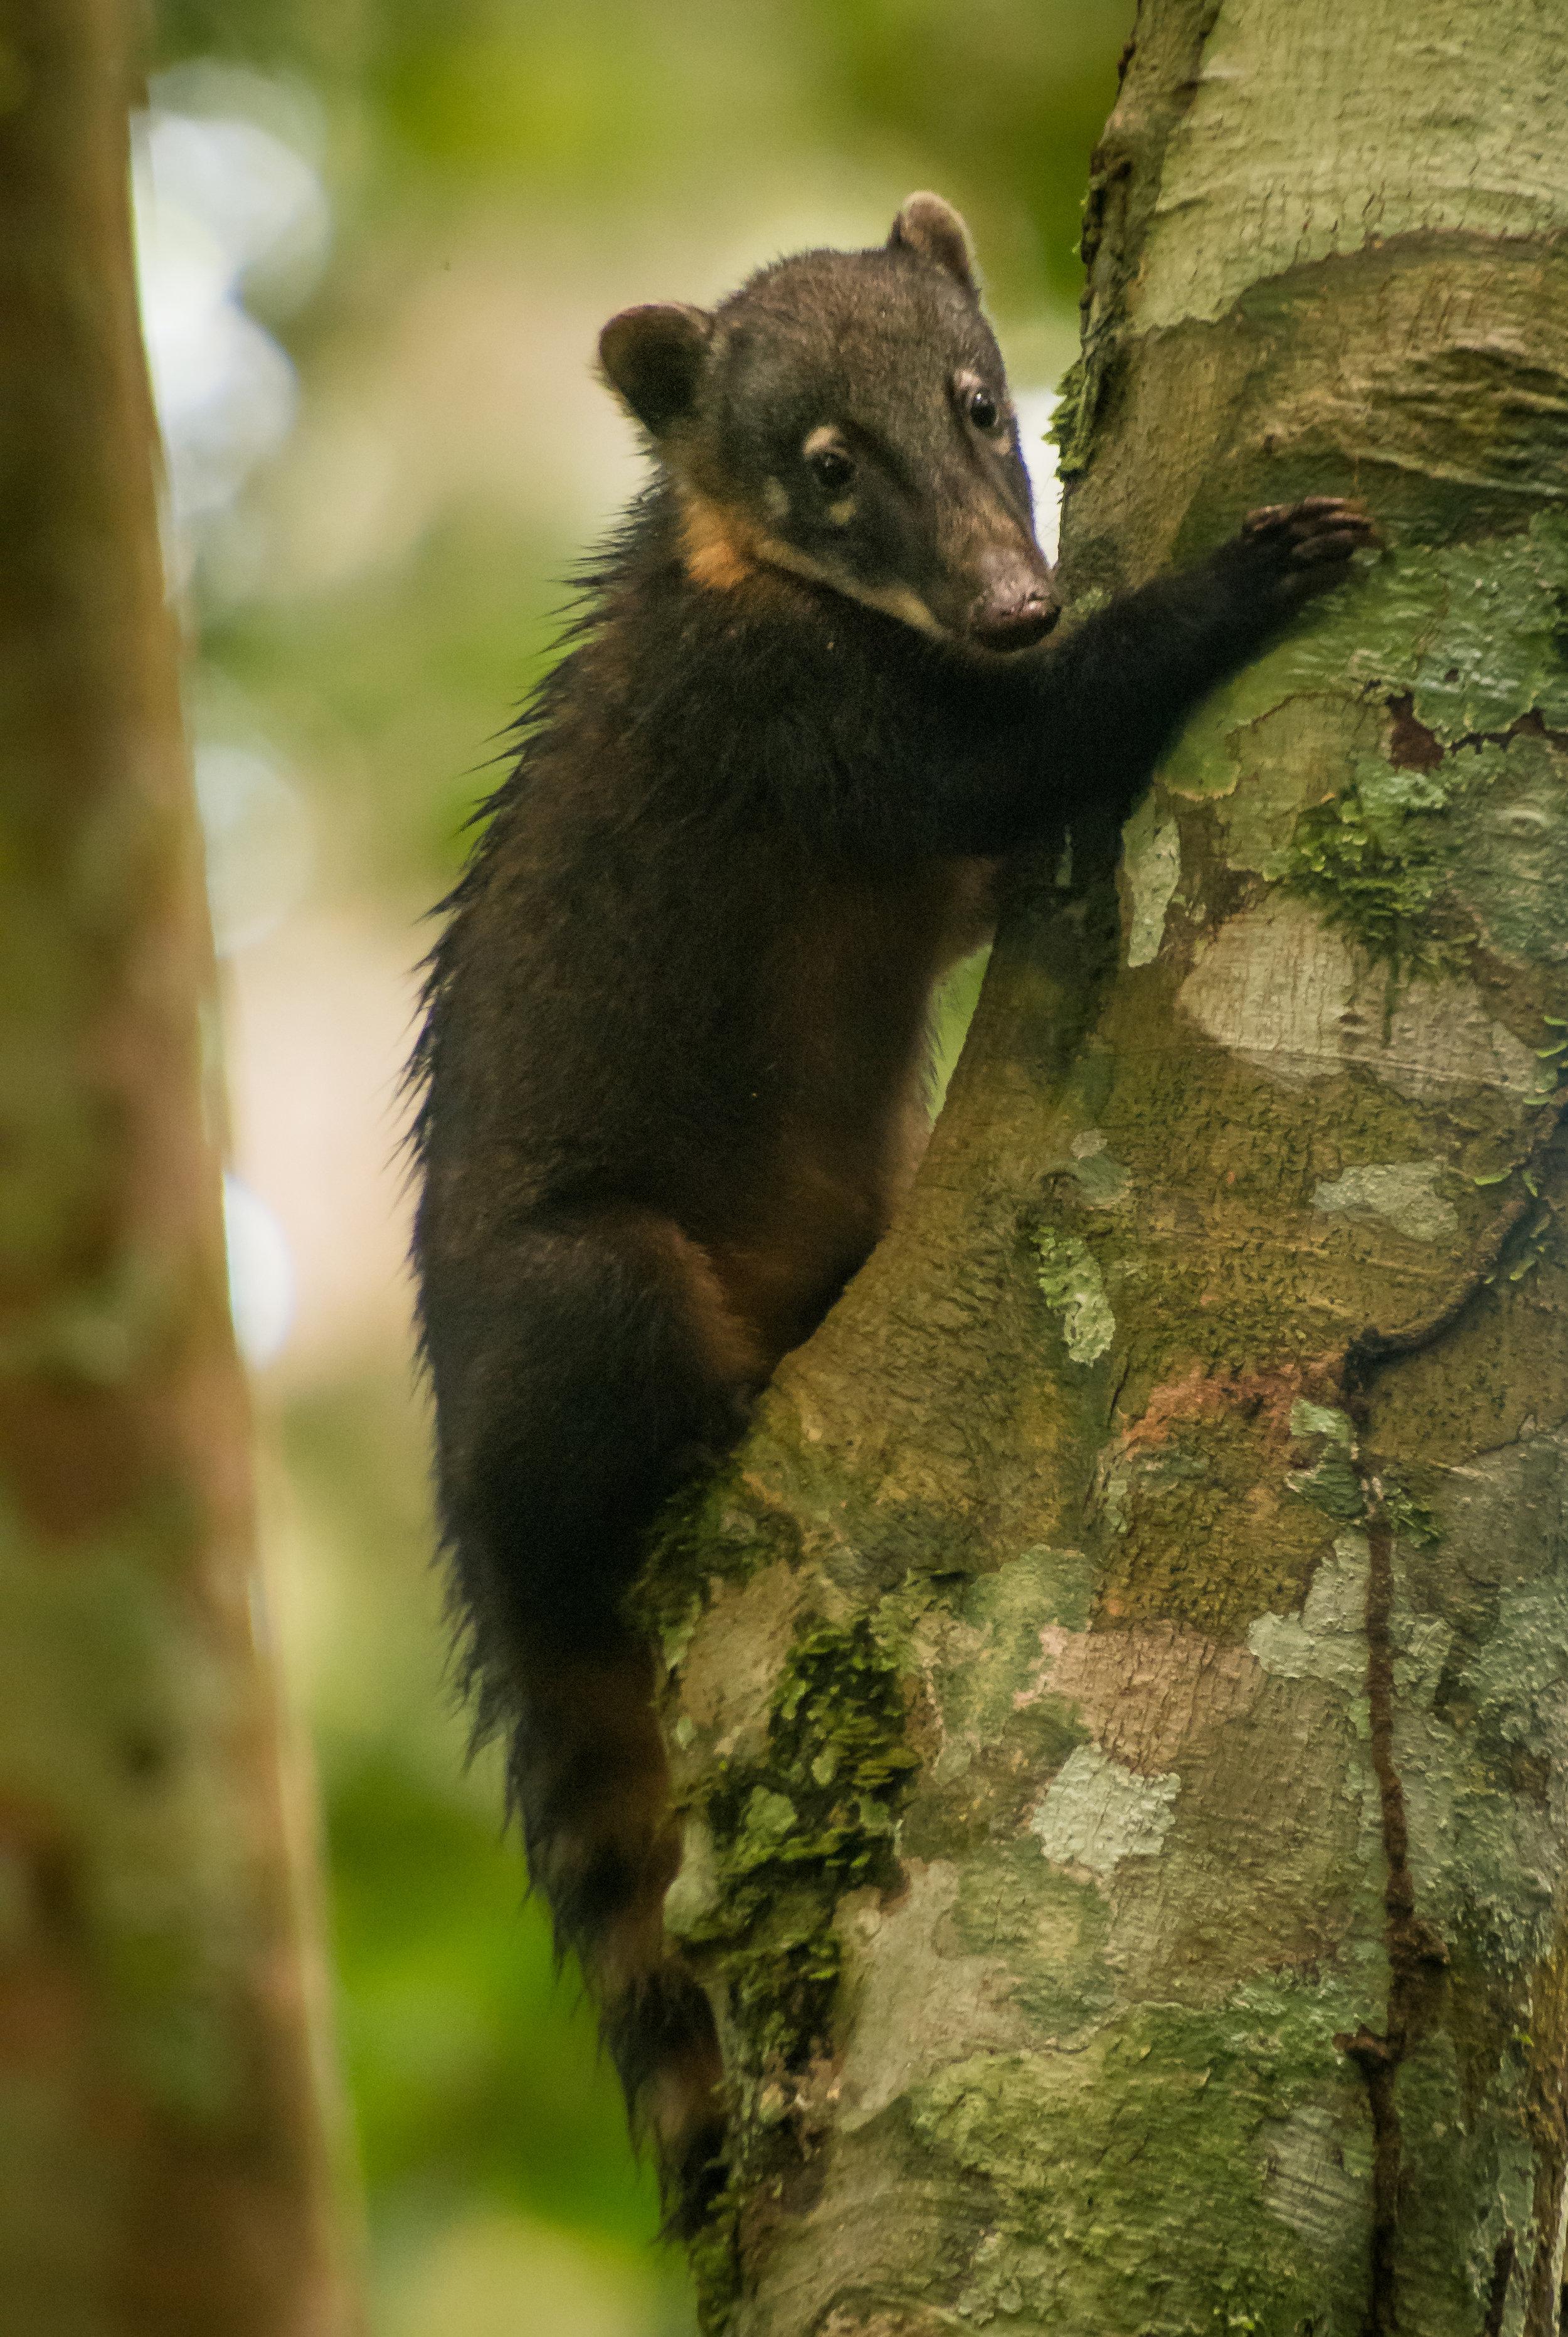 Nasua nasua (Coati)